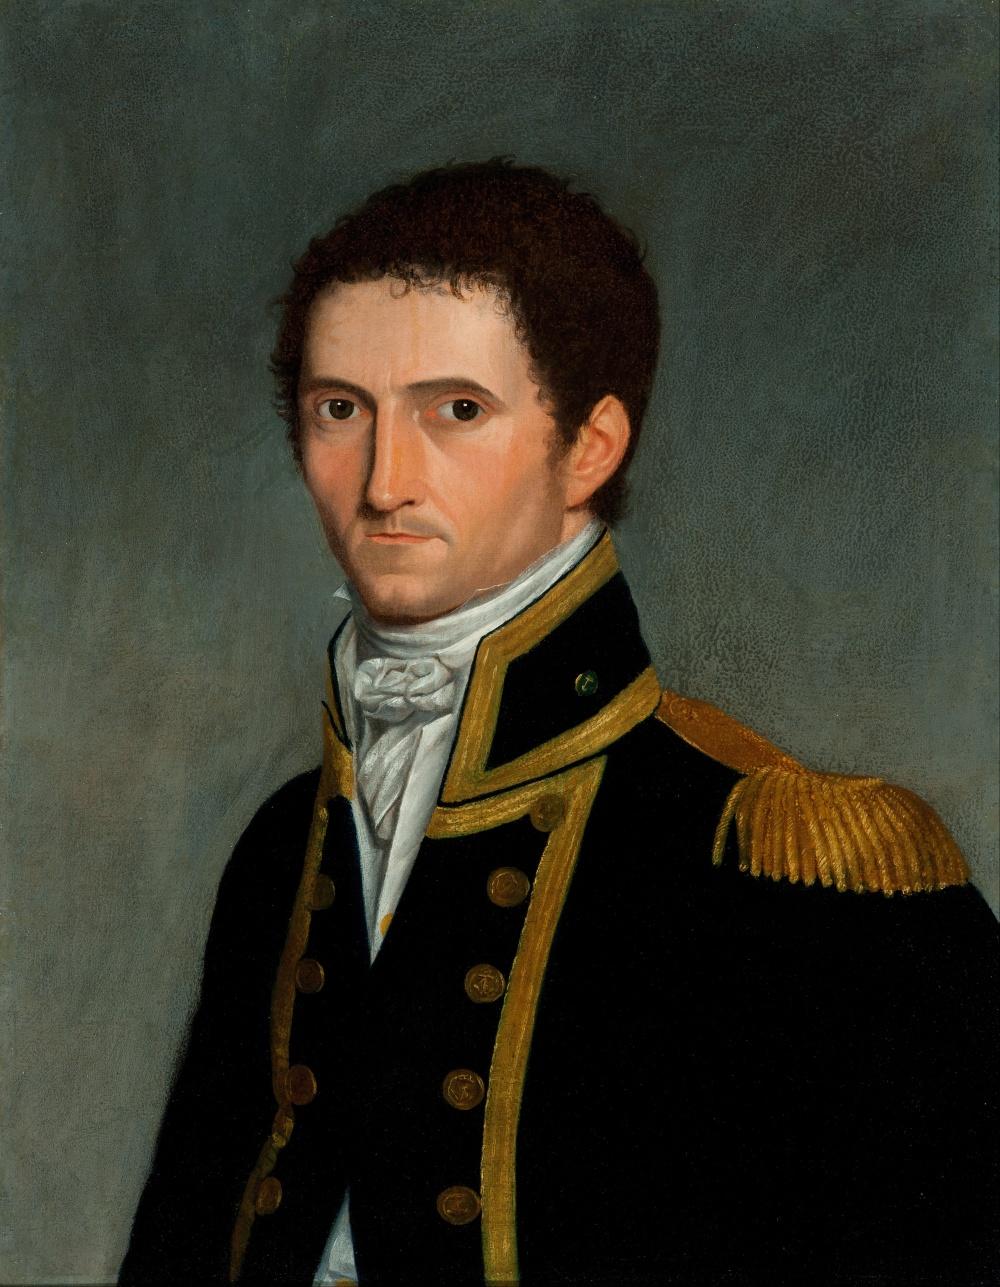 Toussaint_Antoine_DE_CHAZAL_DE_Chamerel_-_Portrait_of_Captain_Matthew_Flinders,_RN,_1774-1814_-_Google_Art_Project (1)